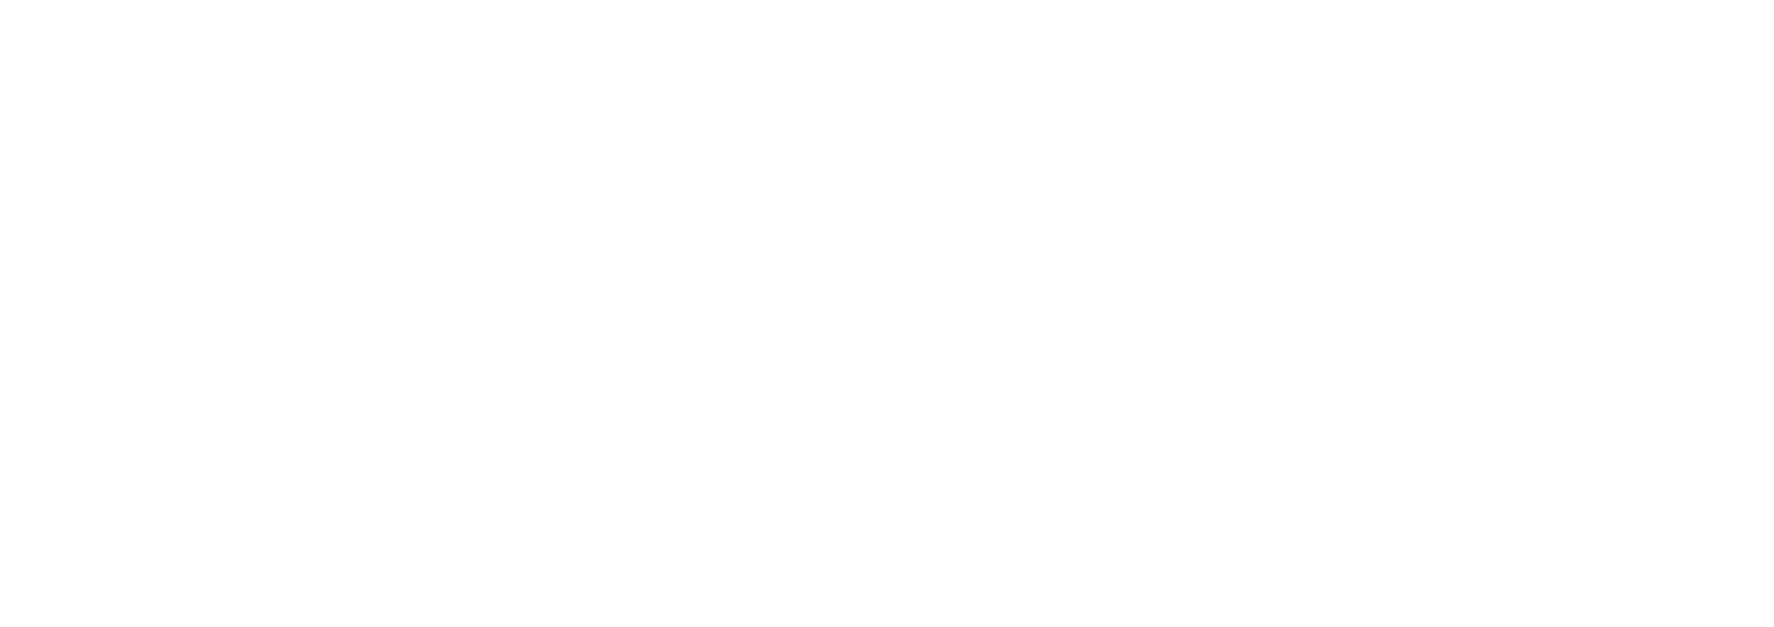 CTOUCH_thepowertoengage_blok_white